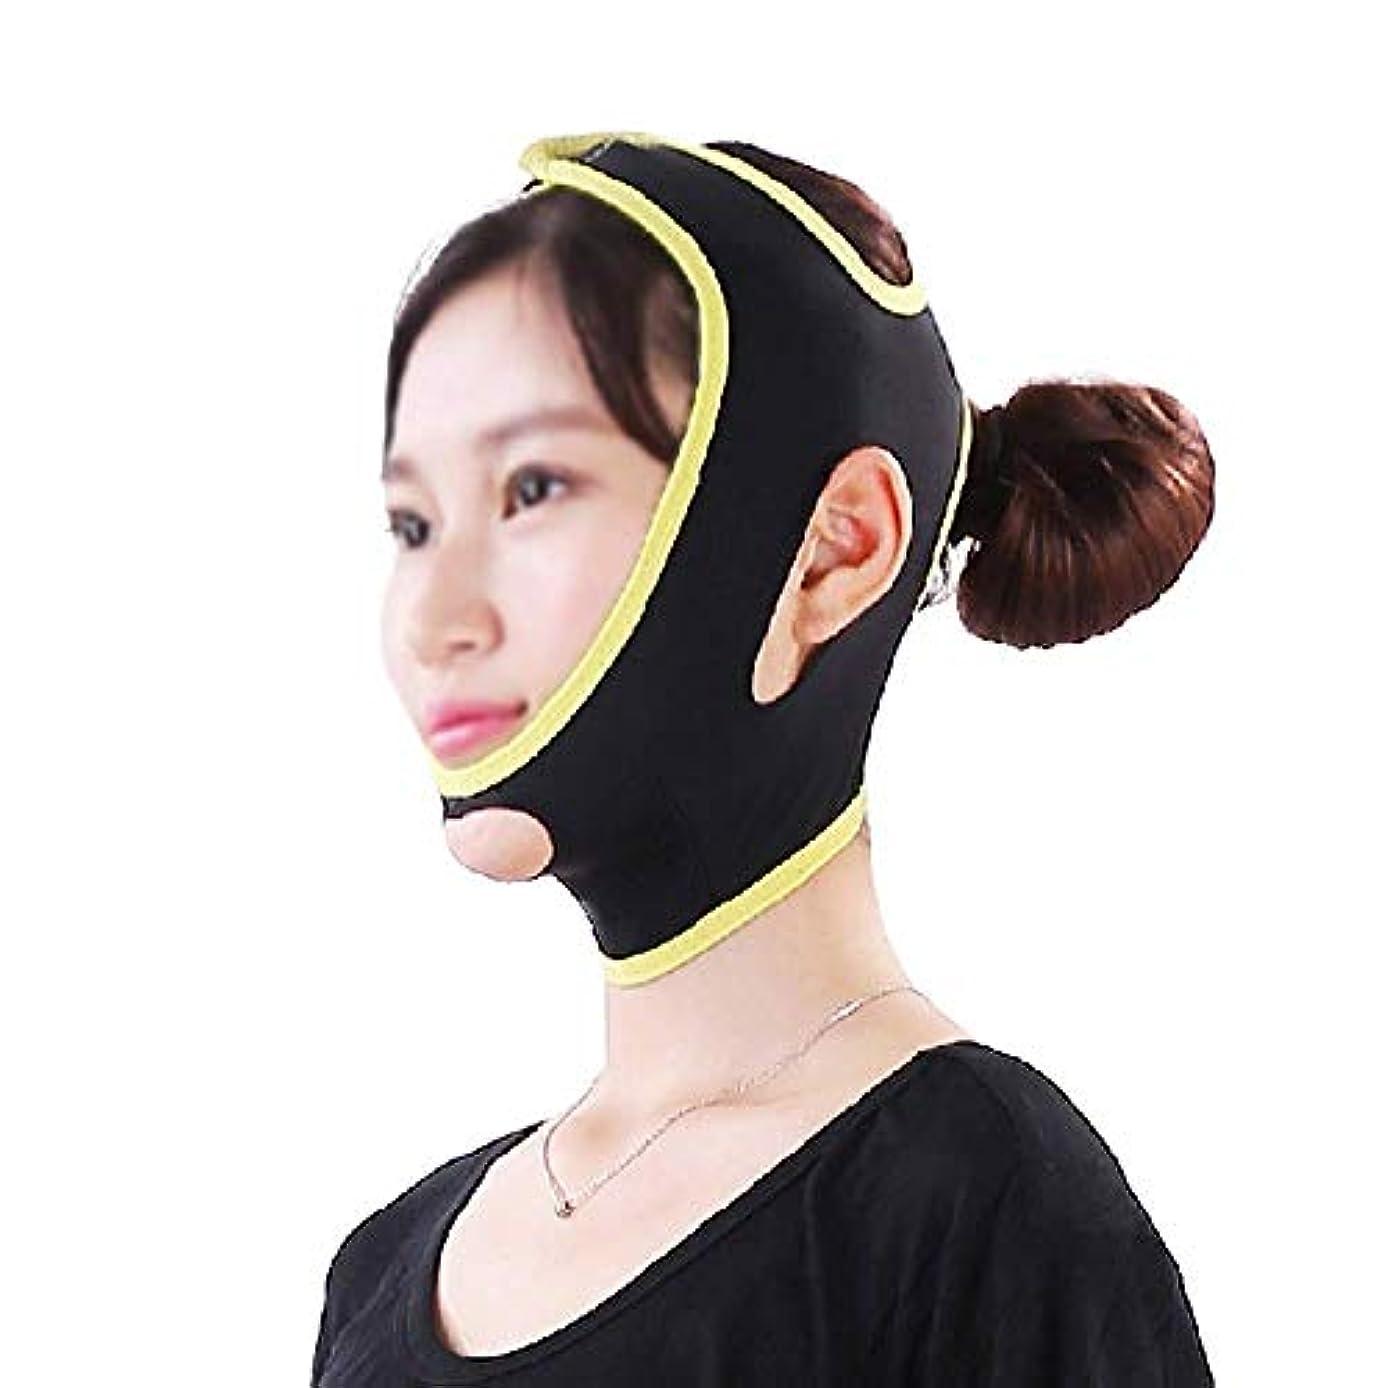 荒涼としたマーチャンダイザー成功フェイスアンドネックリフト、Vフェイスマスクは顔の輪郭を強化して、顎の超弾性包帯を引き締める咬筋を緩和します(サイズ:M)